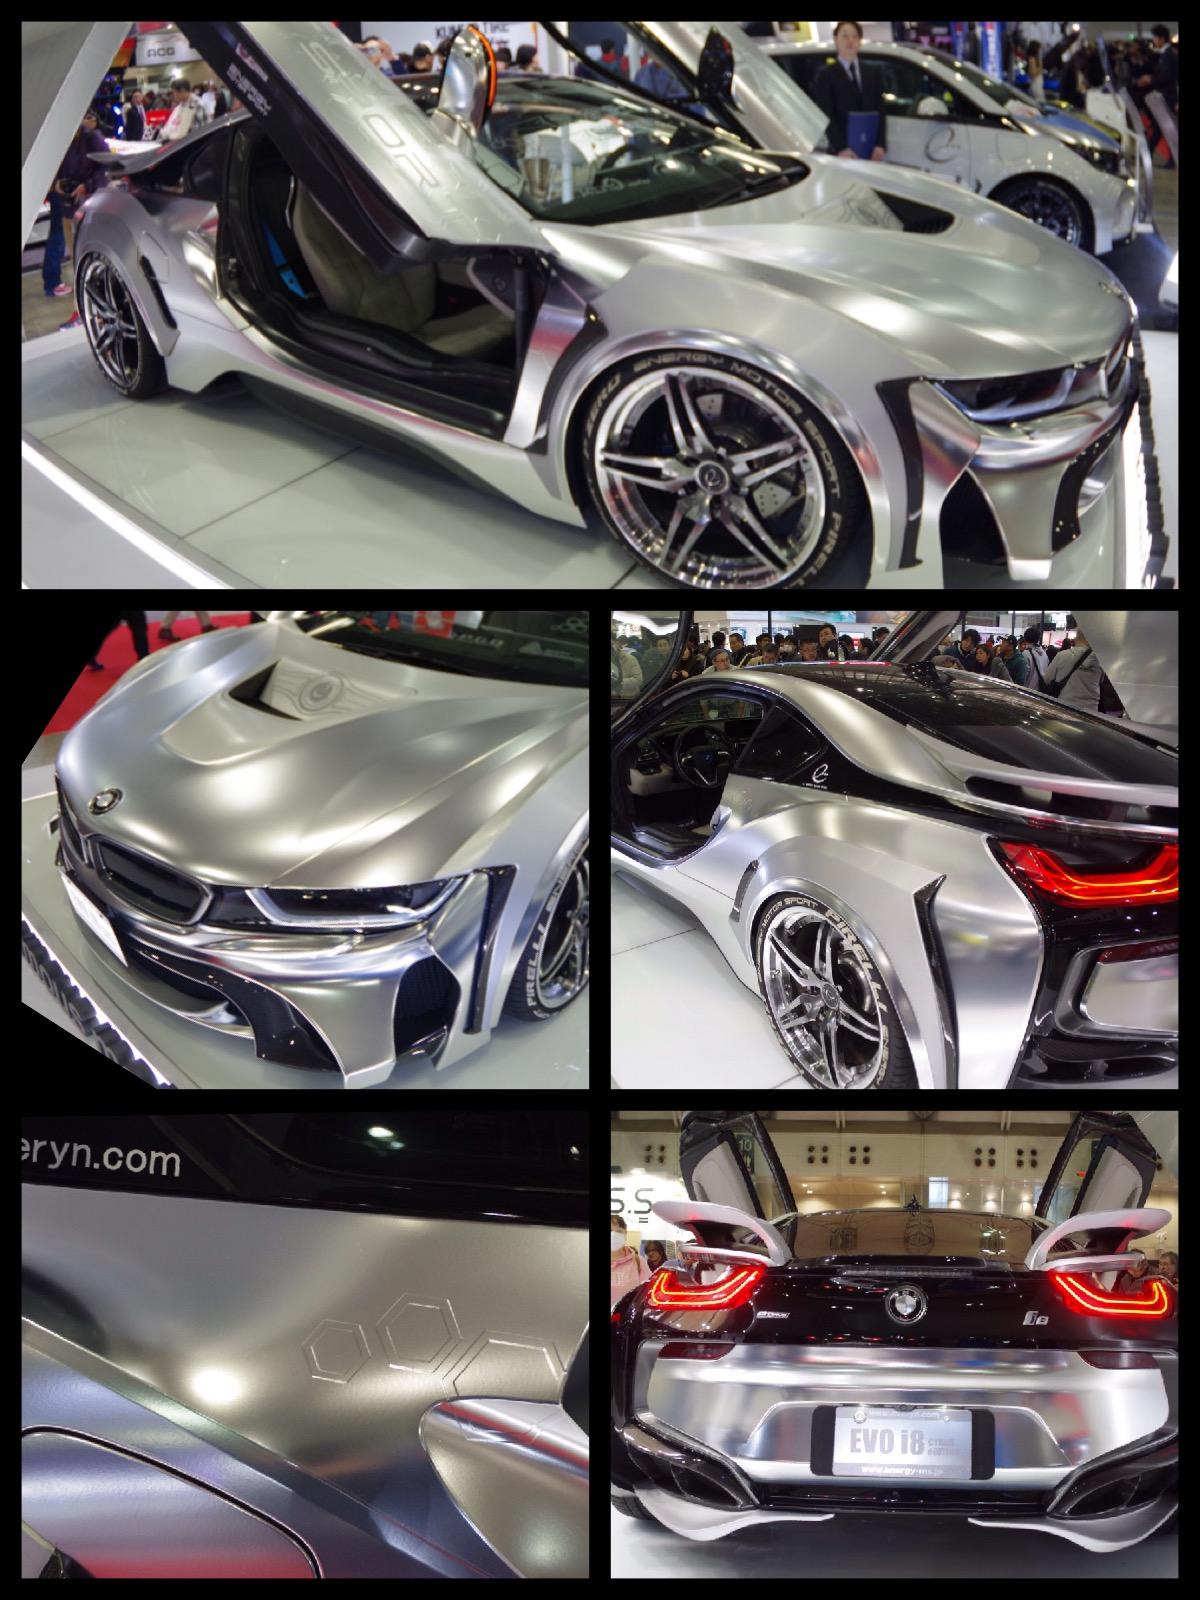 BMW i8 東京オートサロン2016エナジーコンプリートカーEVO i8